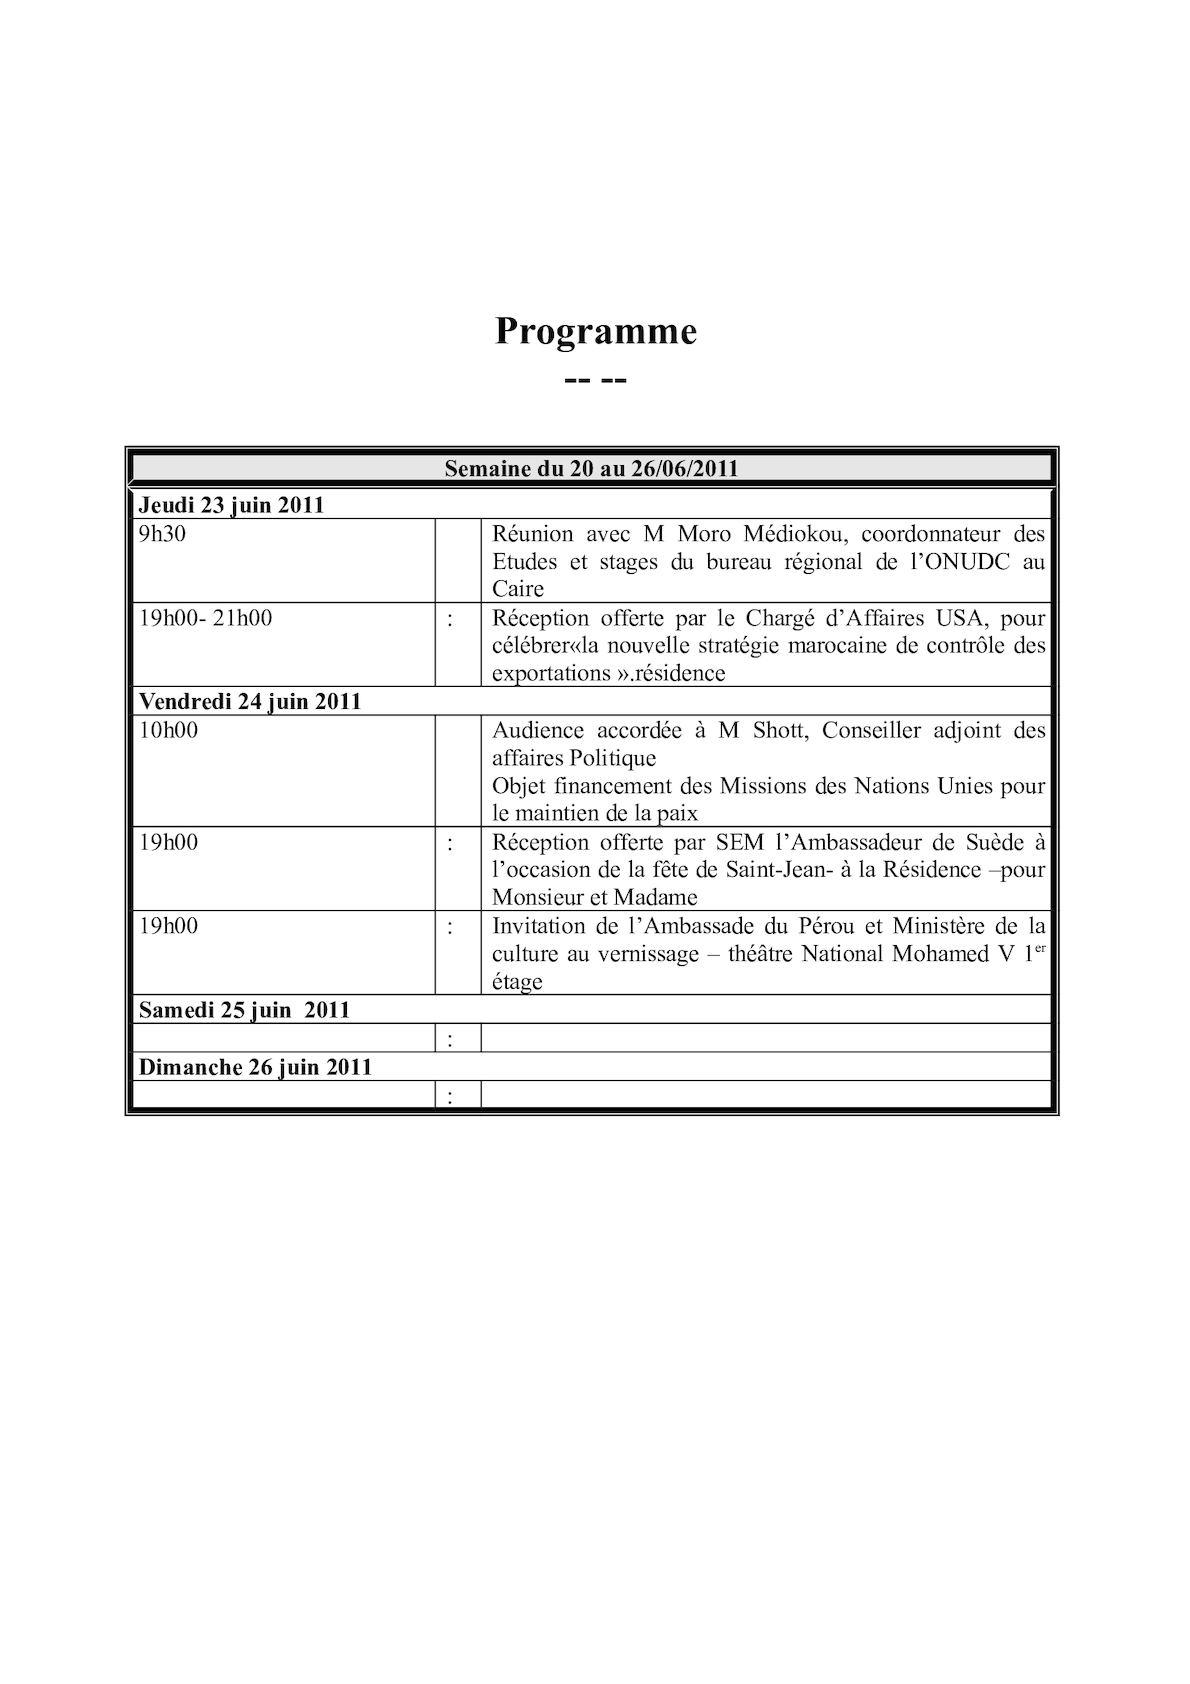 Programme(1).